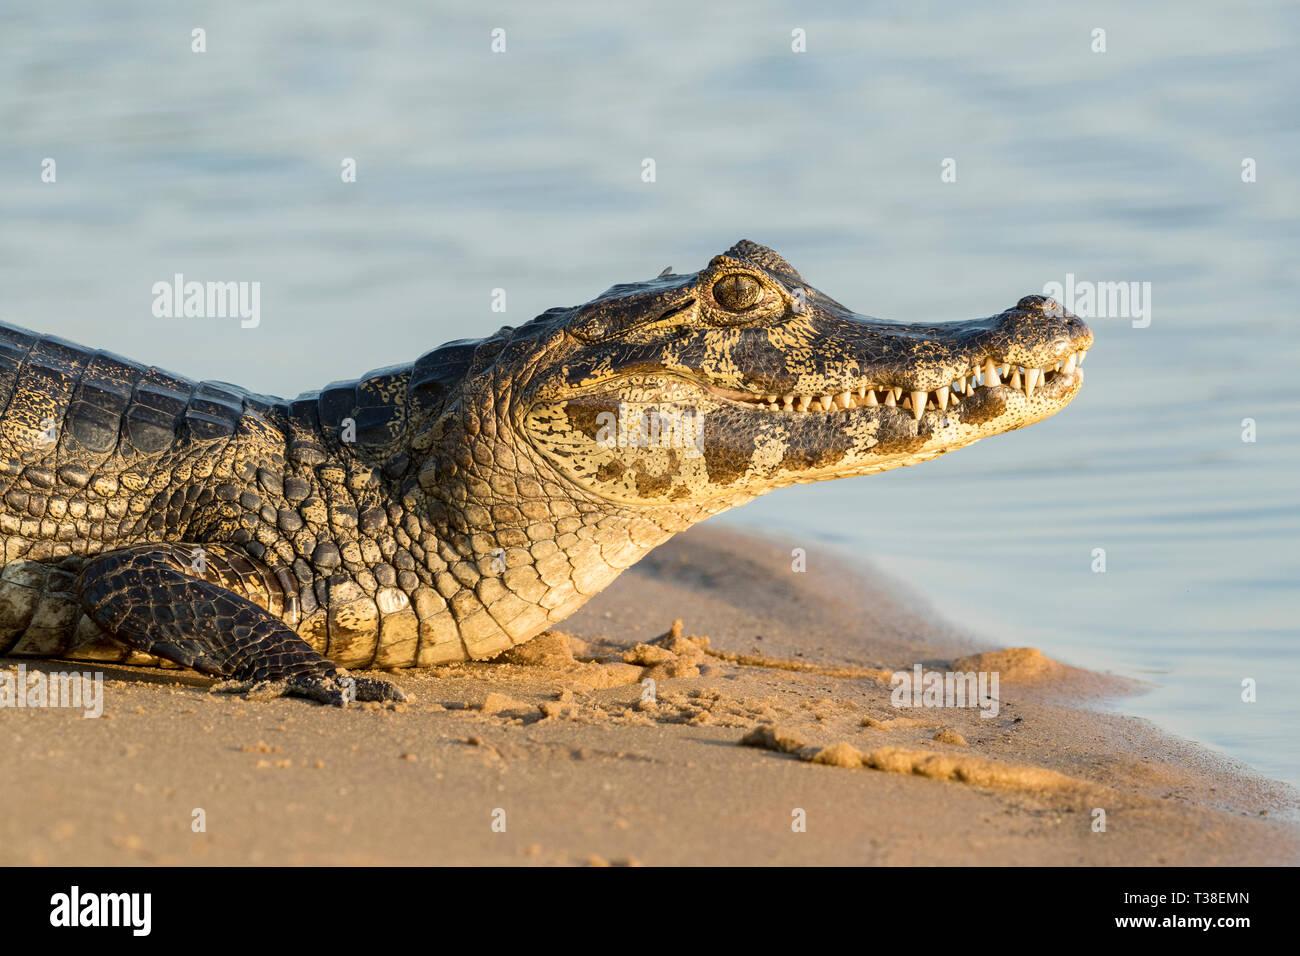 Yacare Caiman, Caiman yacare, Paraguay River, Pantanal, Brazil - Stock Image